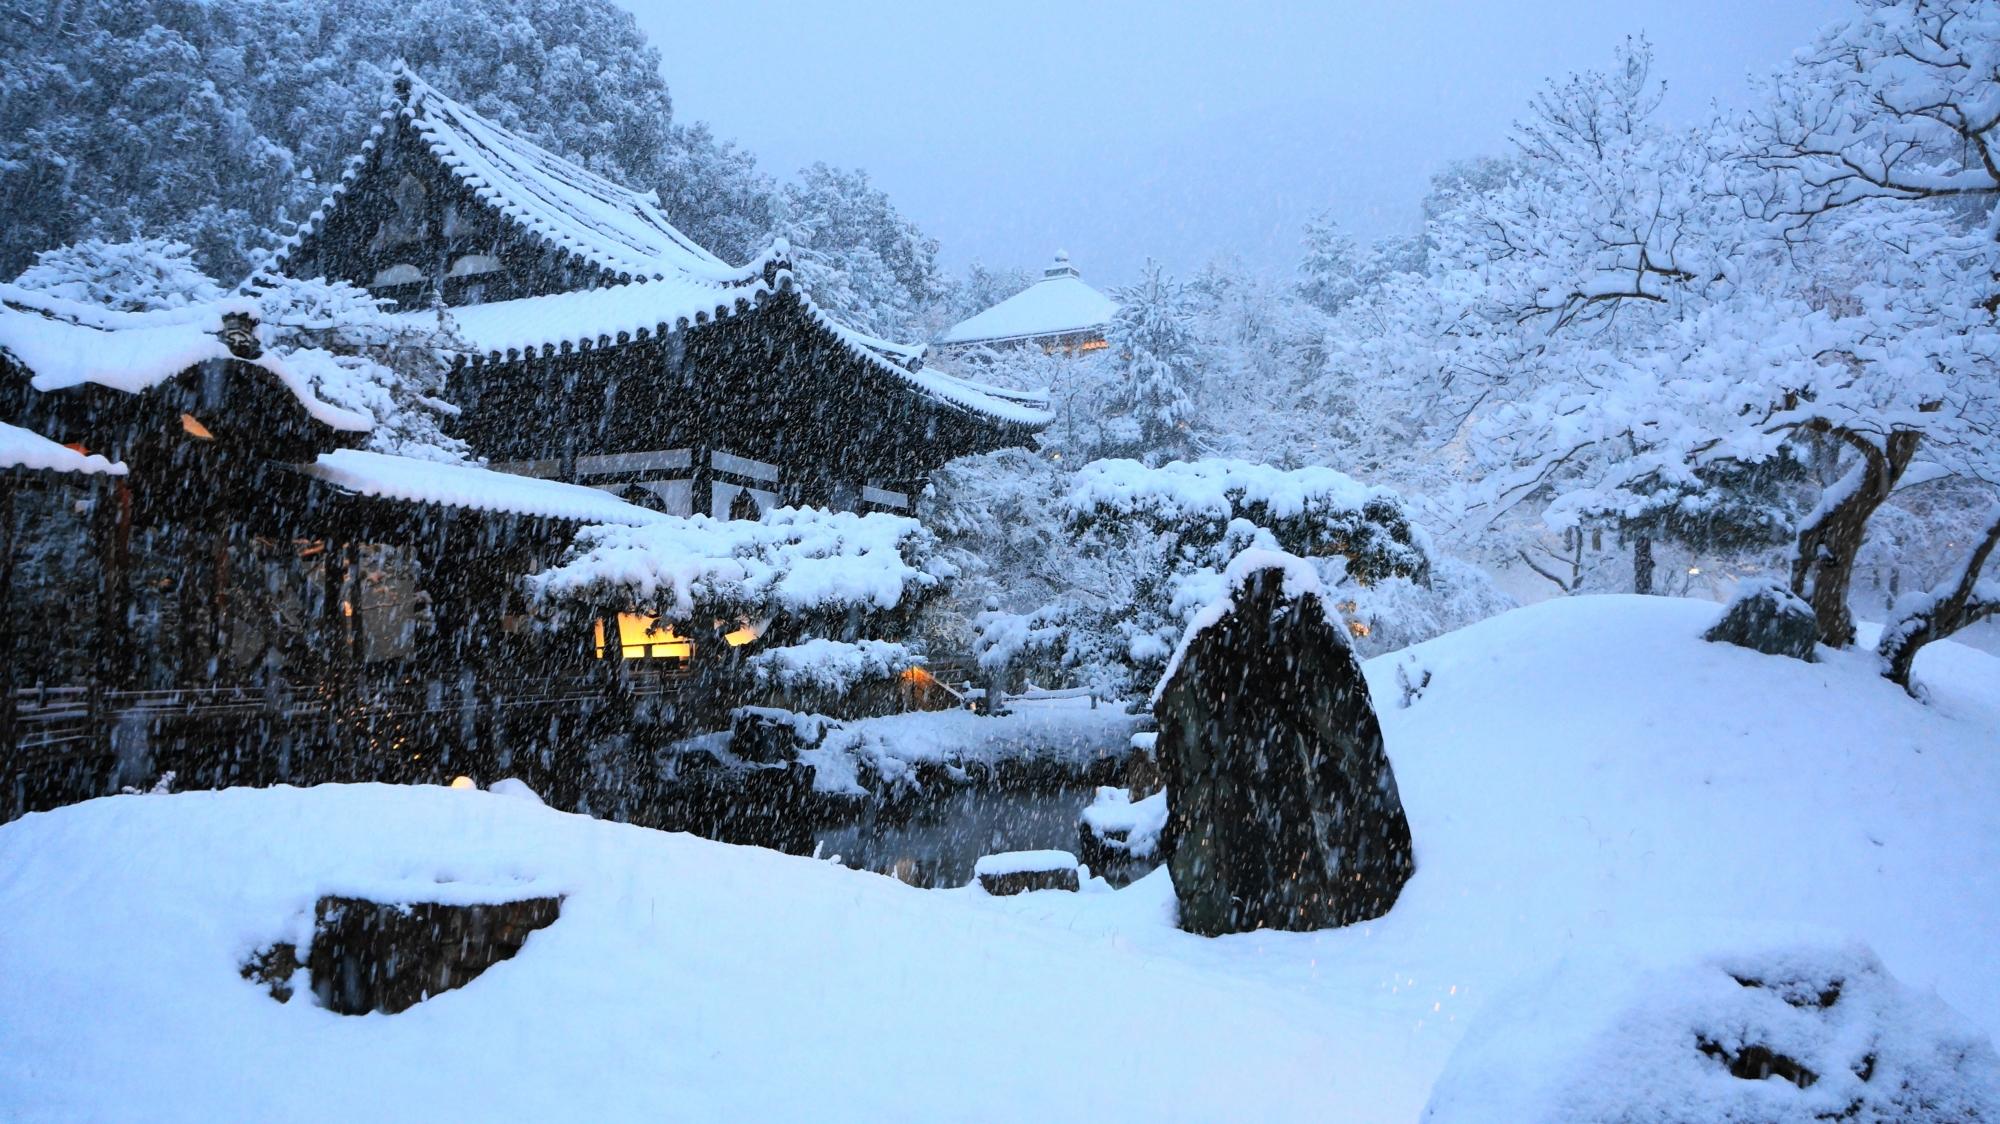 高台寺の白銀の庭園に佇む雪の開山堂